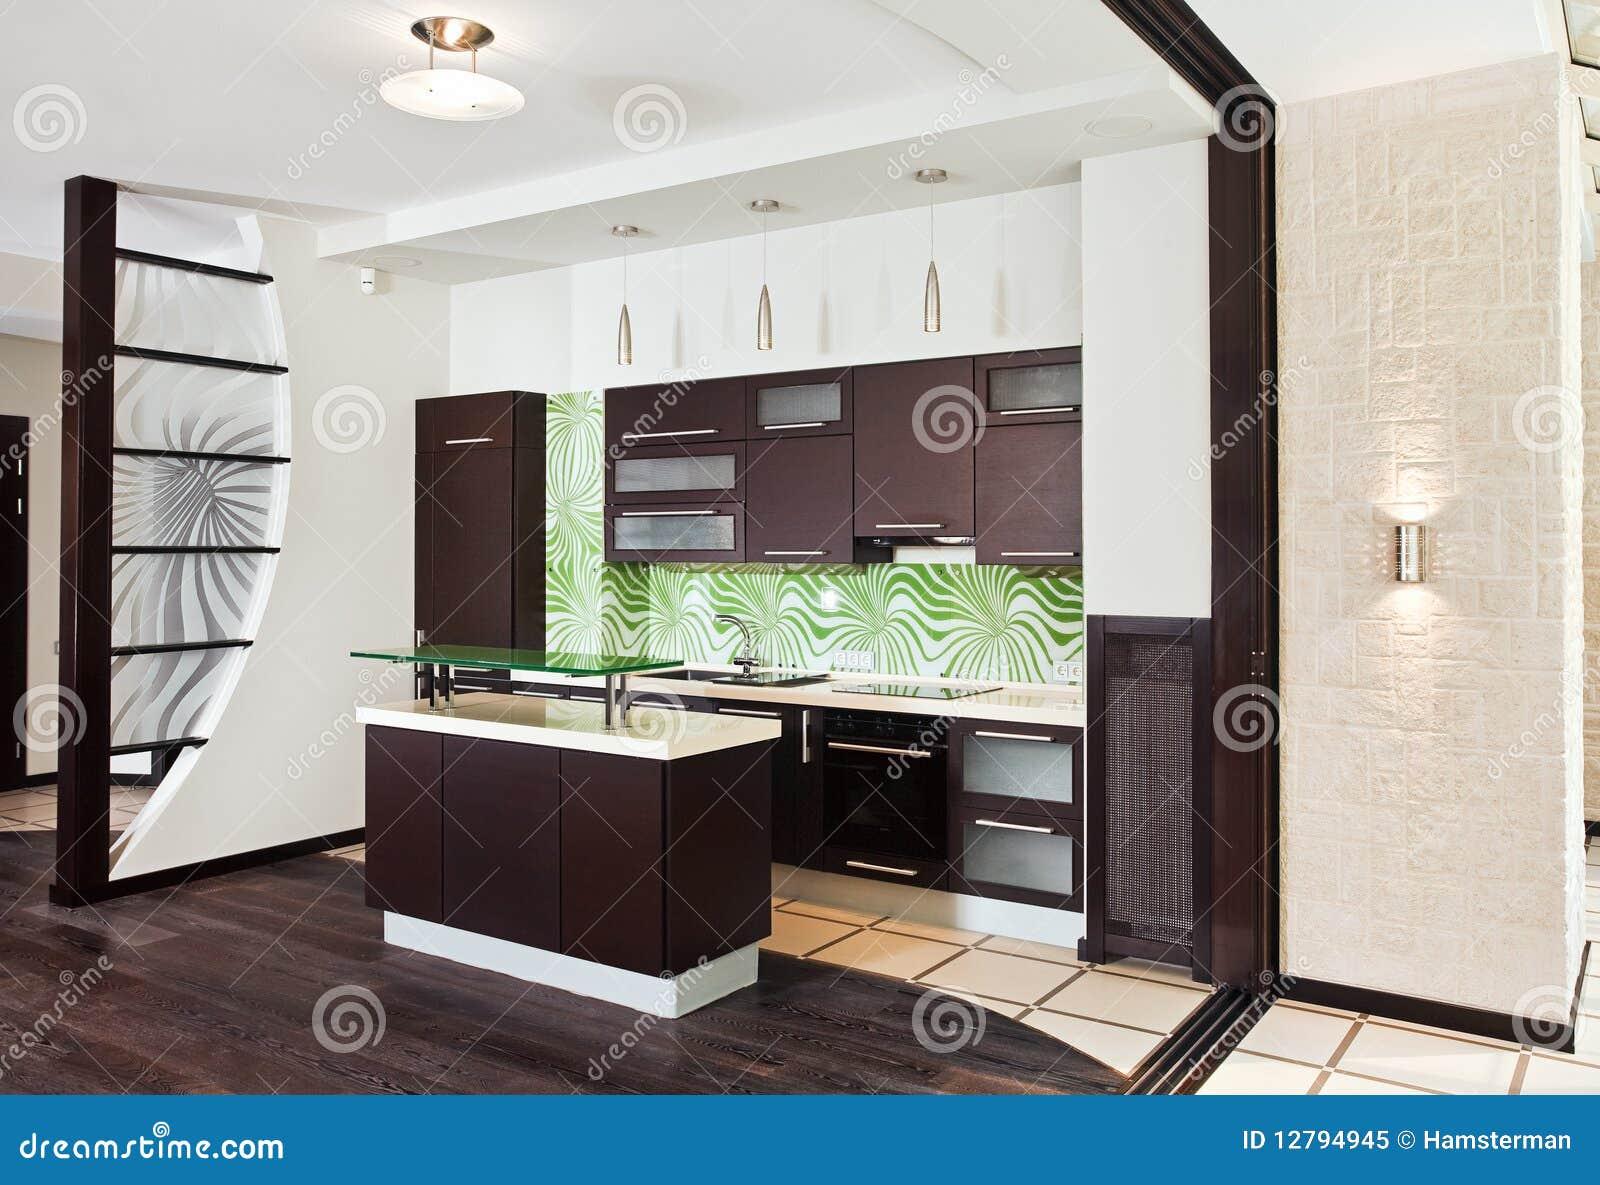 Donkere Keuken Vloer : Modern keuken (studio) binnenland met donkere houten vloer, mening van